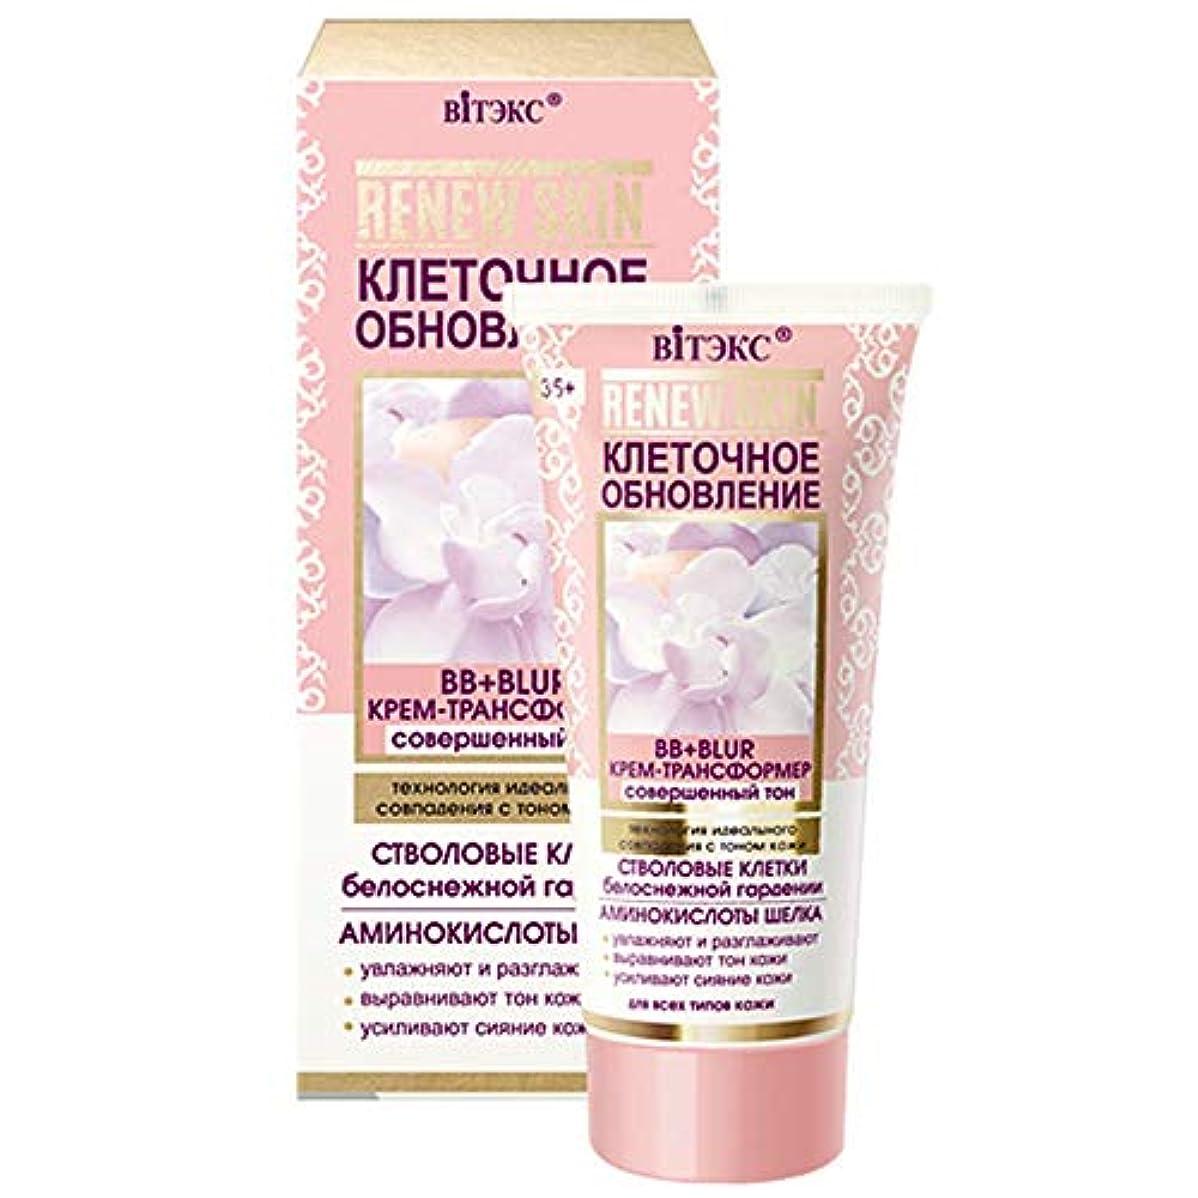 コンピューターを使用するすぐに月面Bielita & Vitex   RENEW SKIN   BB + BLUR CREAM-TRANSFORMER   Perfect tone technology of perfect match with skin...